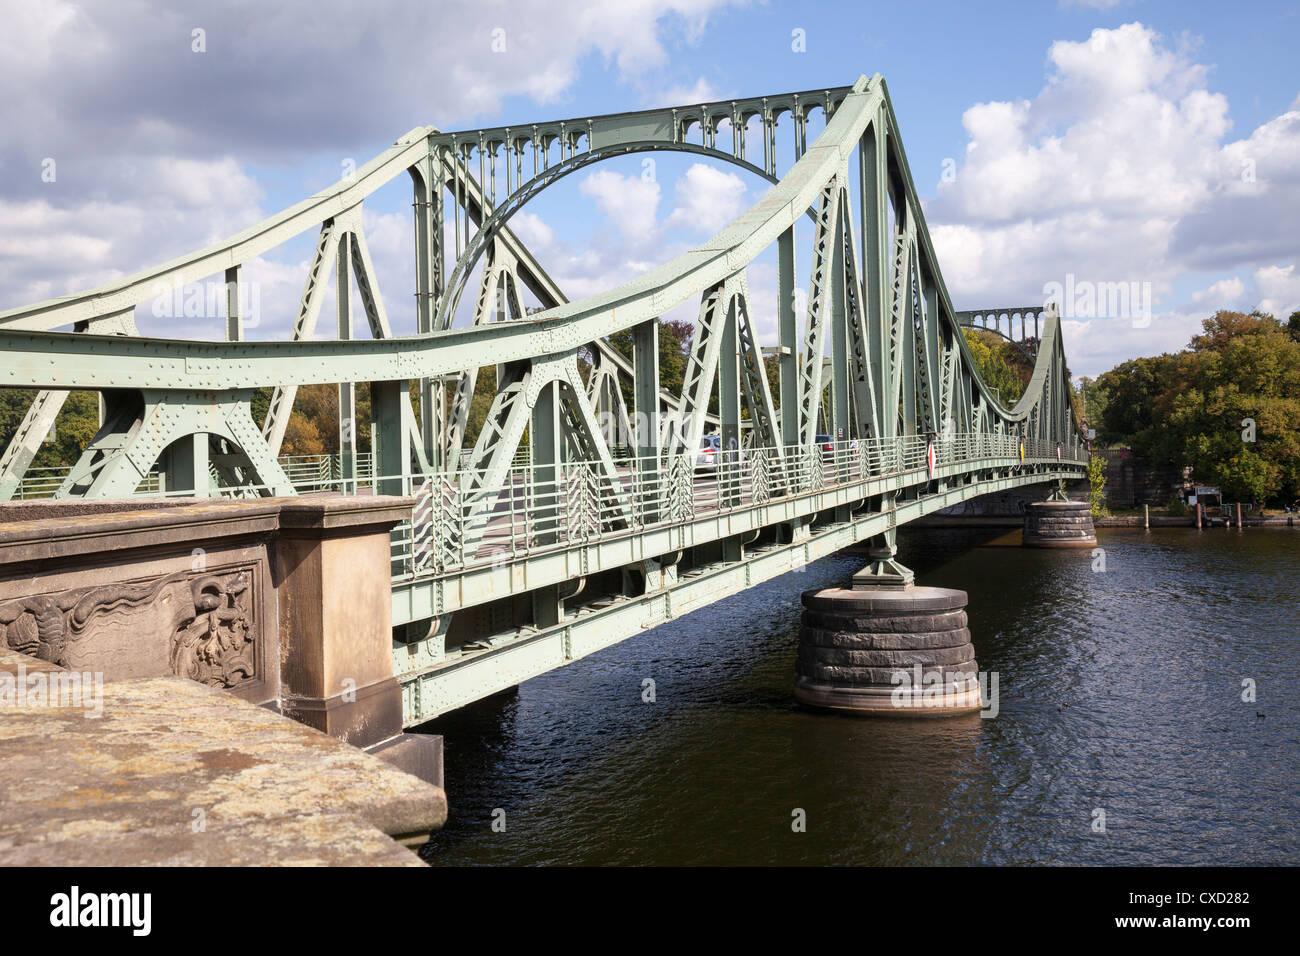 Glienicke Bridge, Berlin, Germany - Stock Image